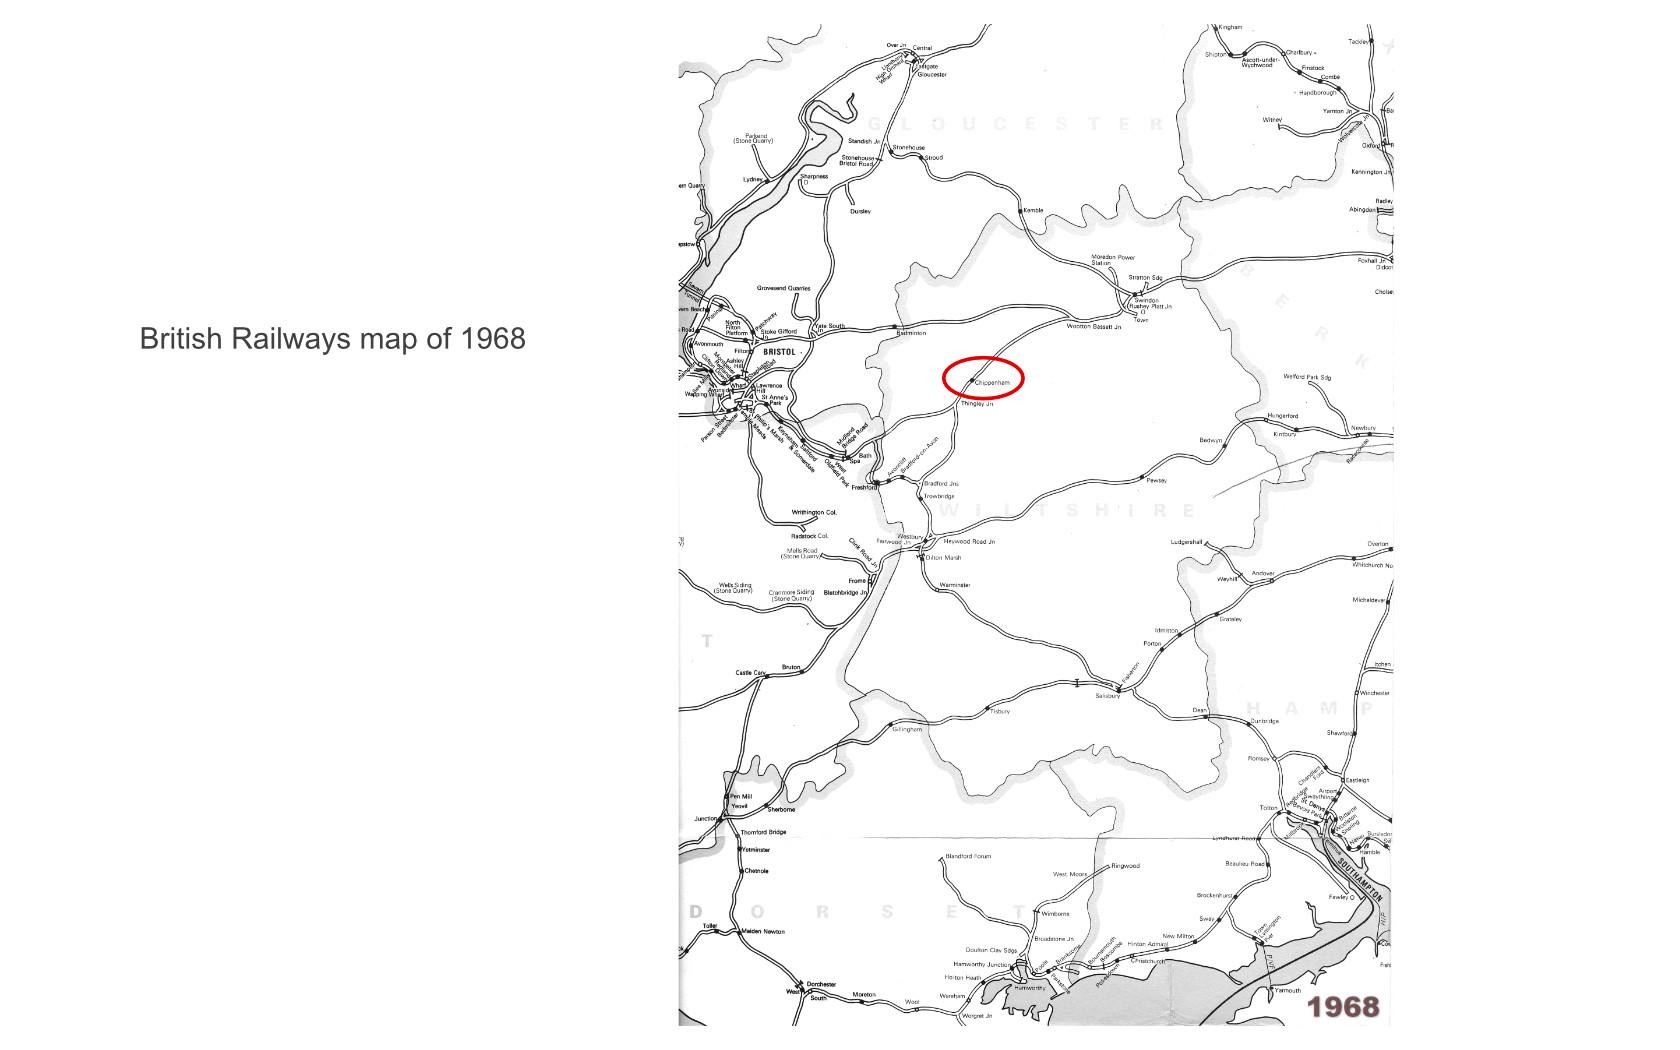 british railway map of 1968